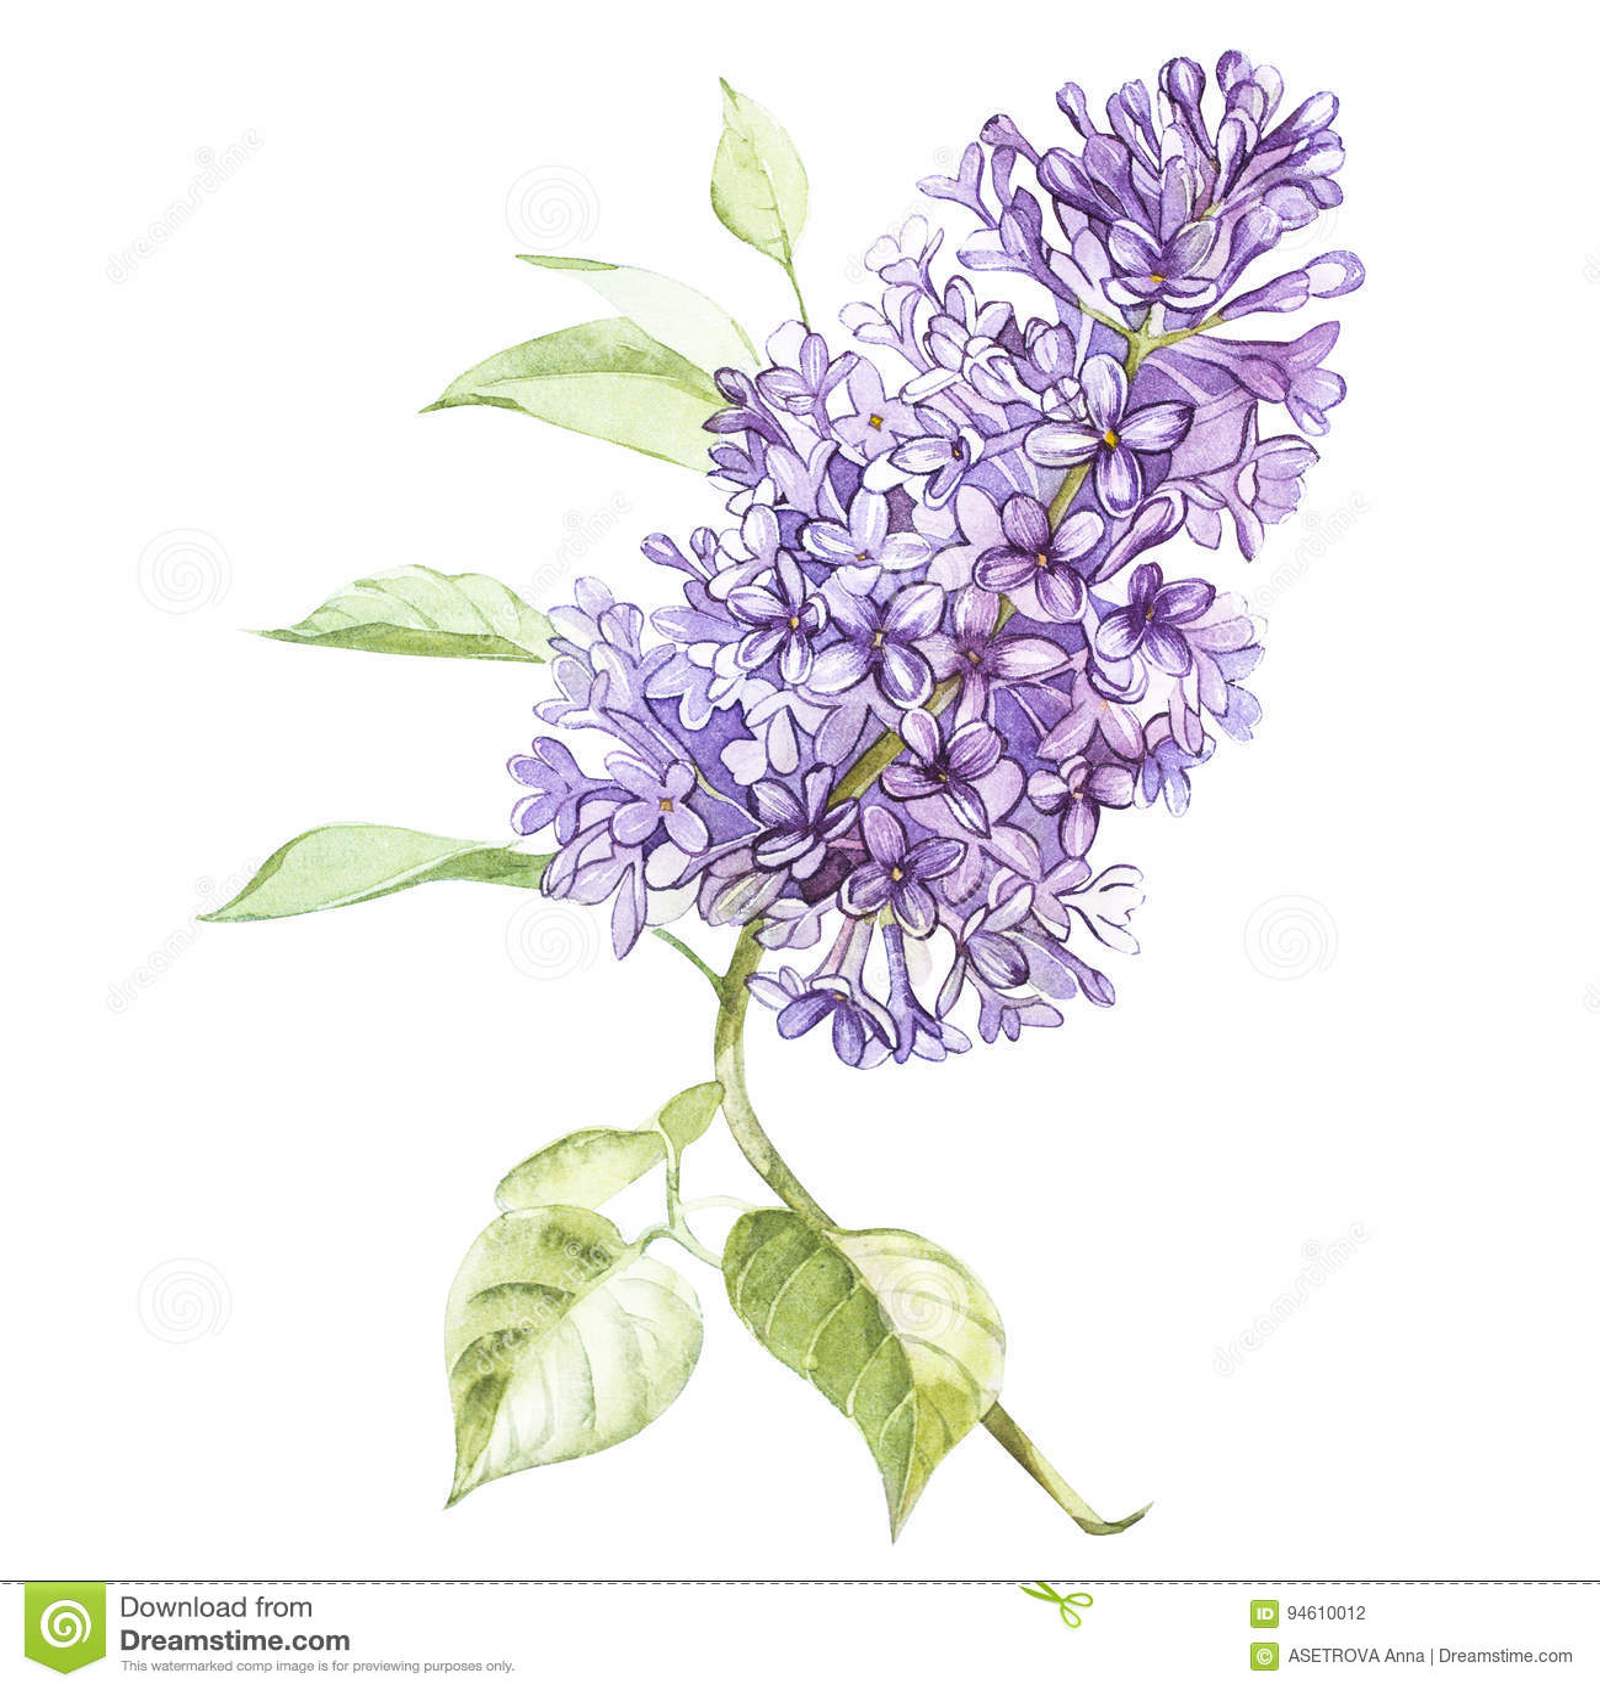 Aquarelle fleurs lilas for Bouquet de fleurs lilas